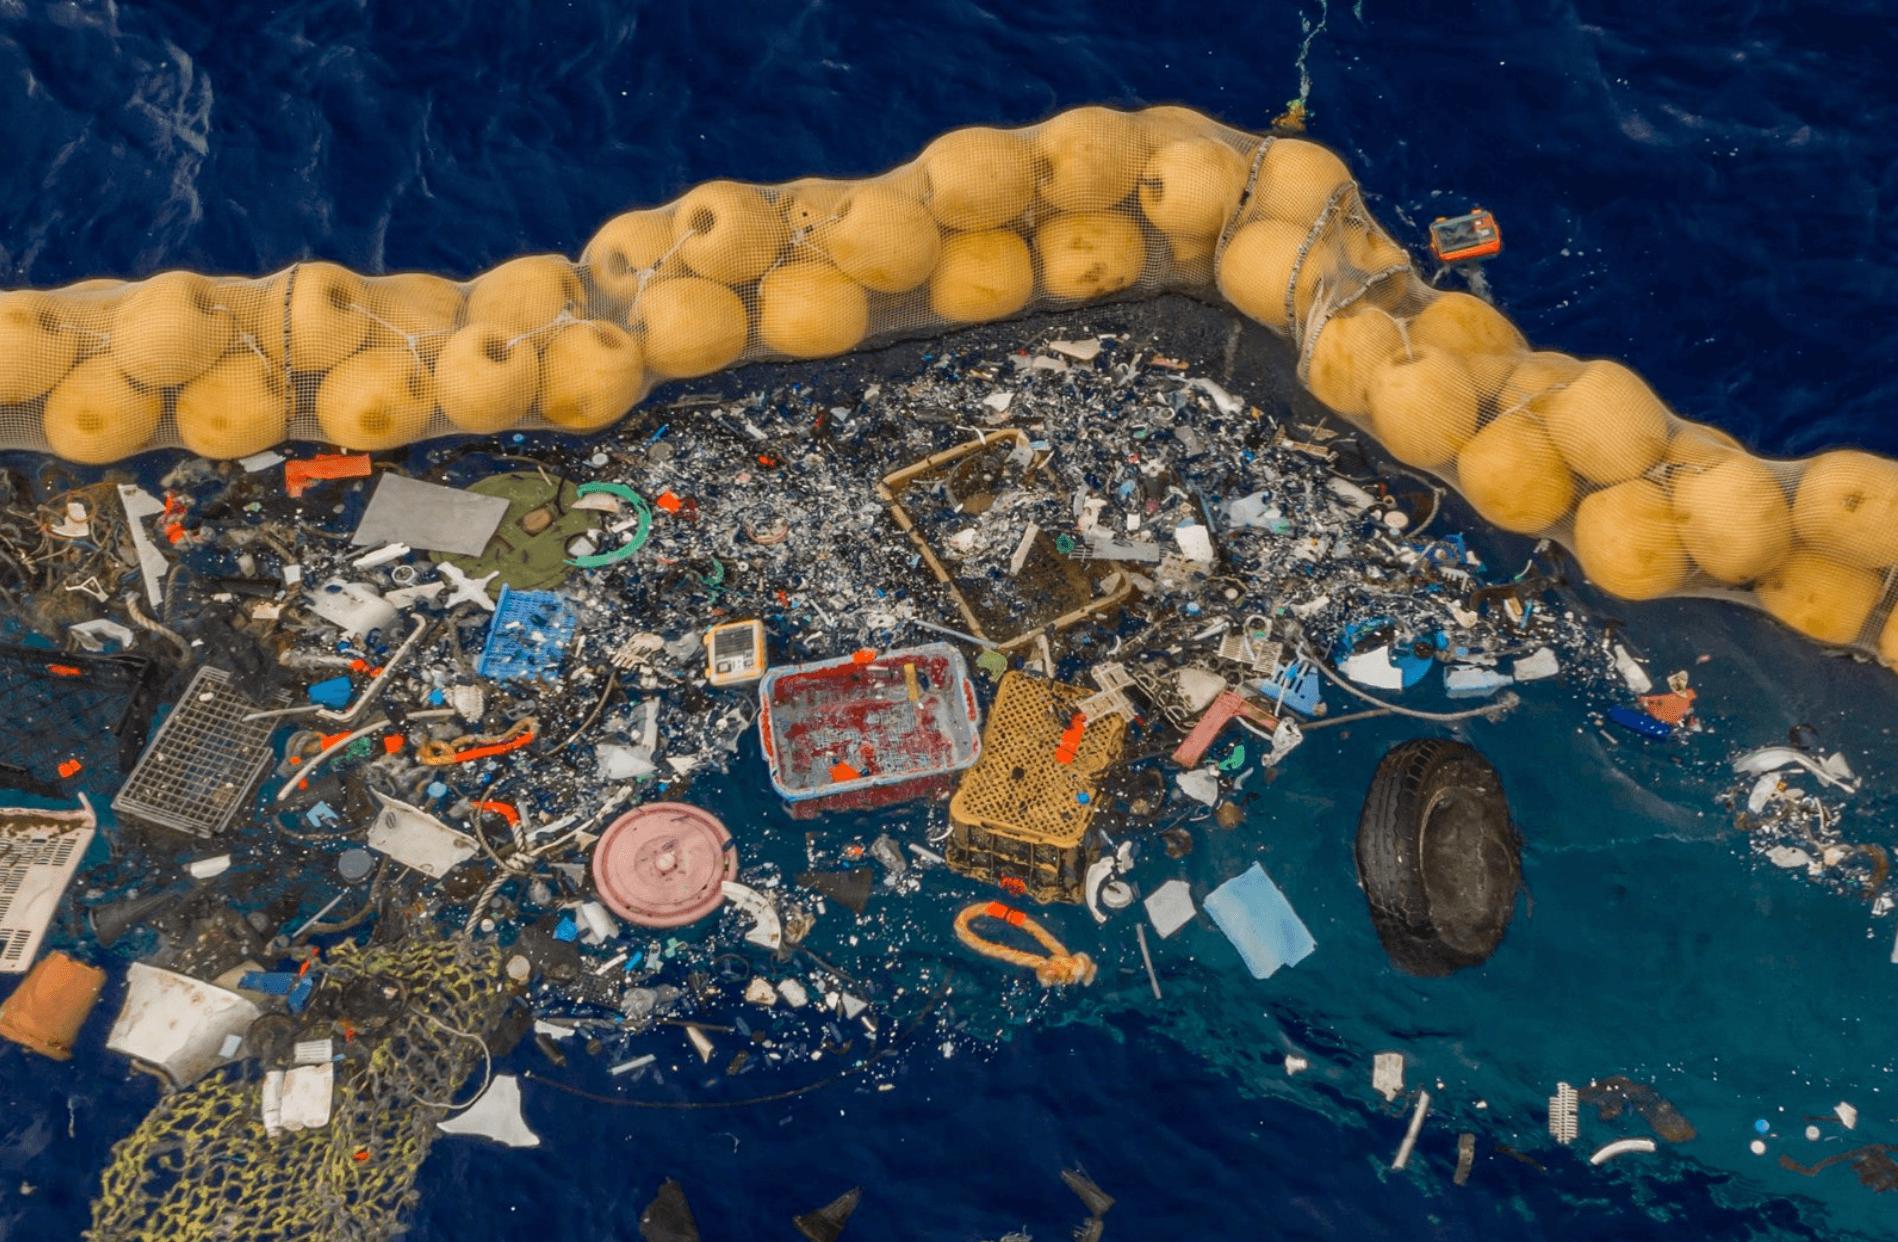 catching plastics in the ocean